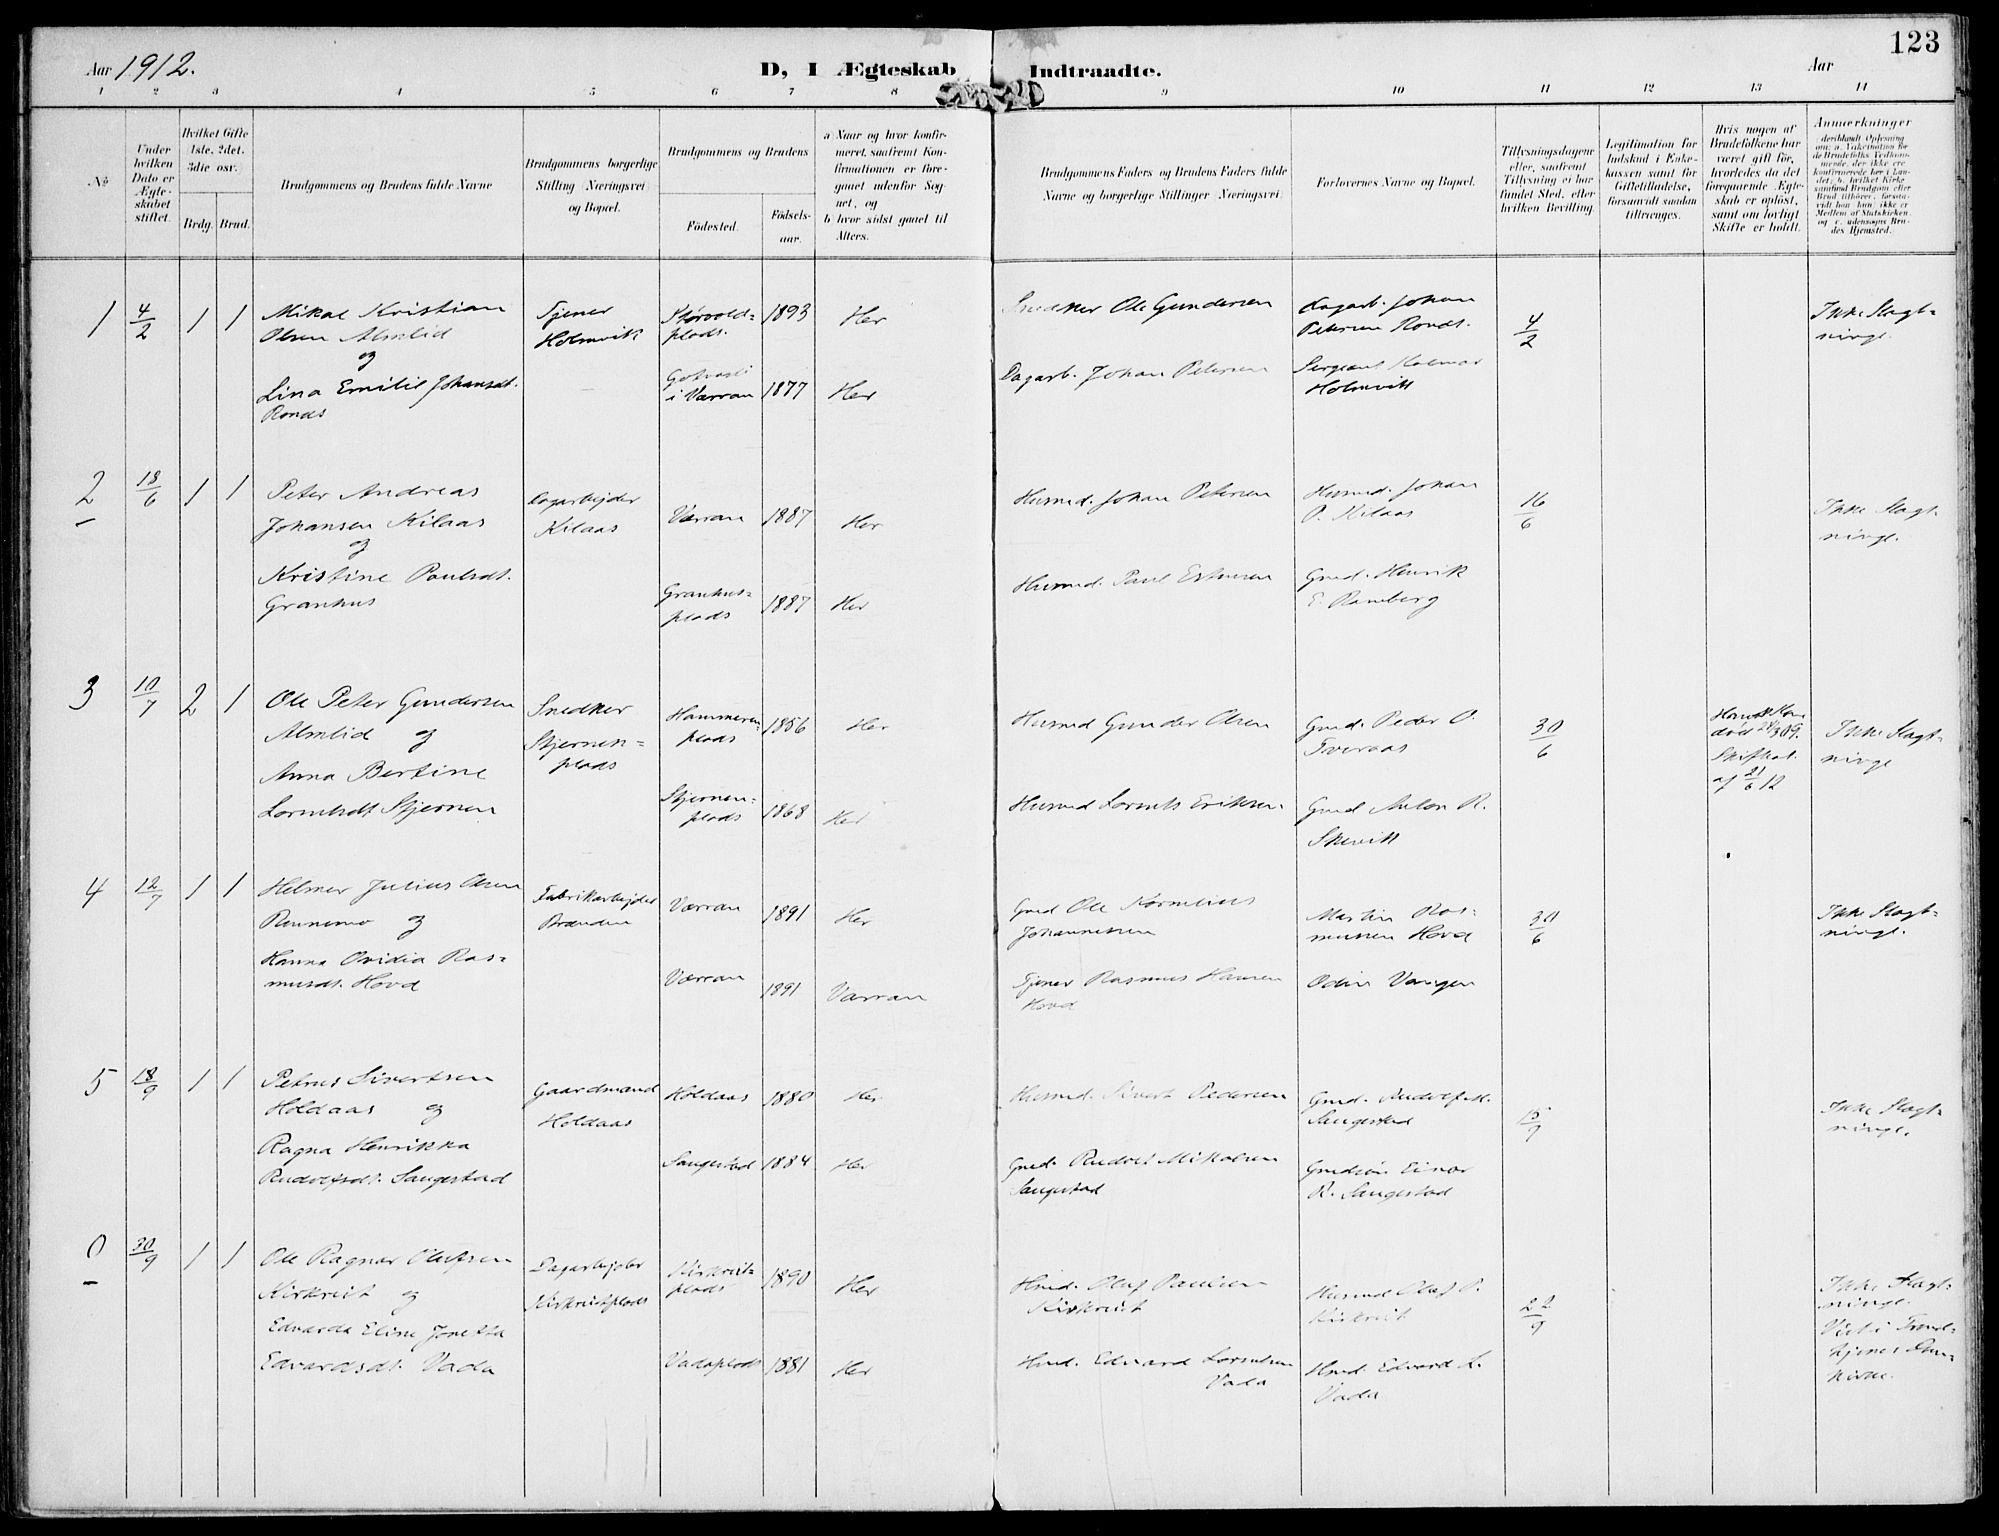 SAT, Ministerialprotokoller, klokkerbøker og fødselsregistre - Nord-Trøndelag, 745/L0430: Ministerialbok nr. 745A02, 1895-1913, s. 123